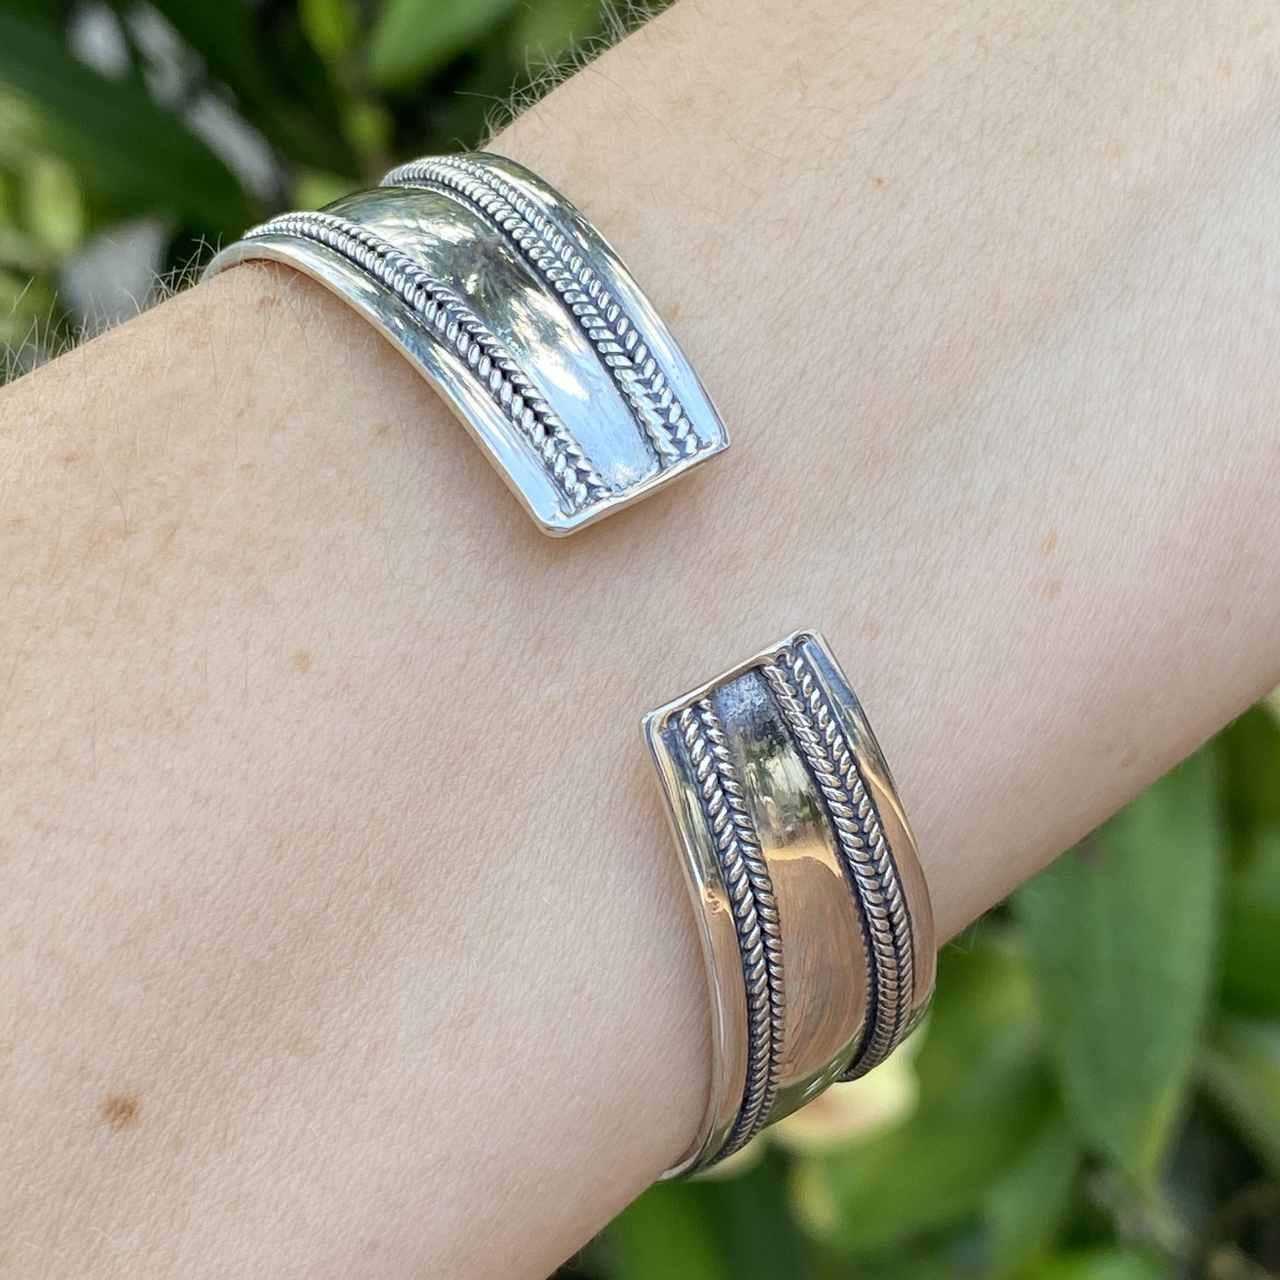 Bracelete de Prata 925 Indiano Centro e Bordas Trabalhado